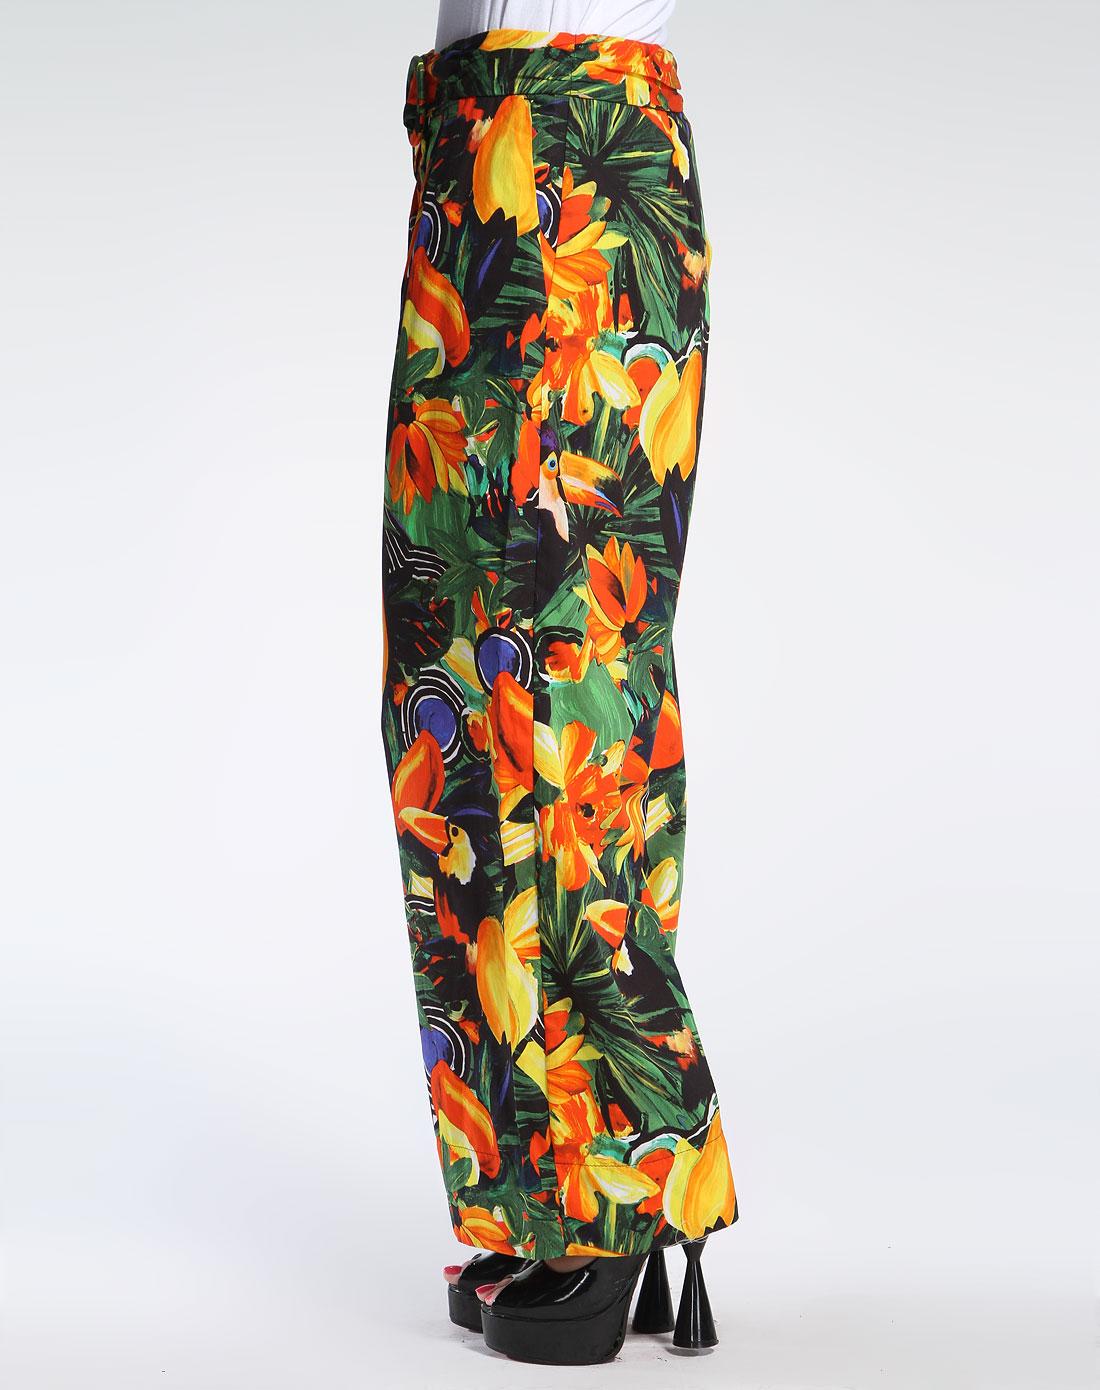 女款彩色花纹夏日风情裙裤